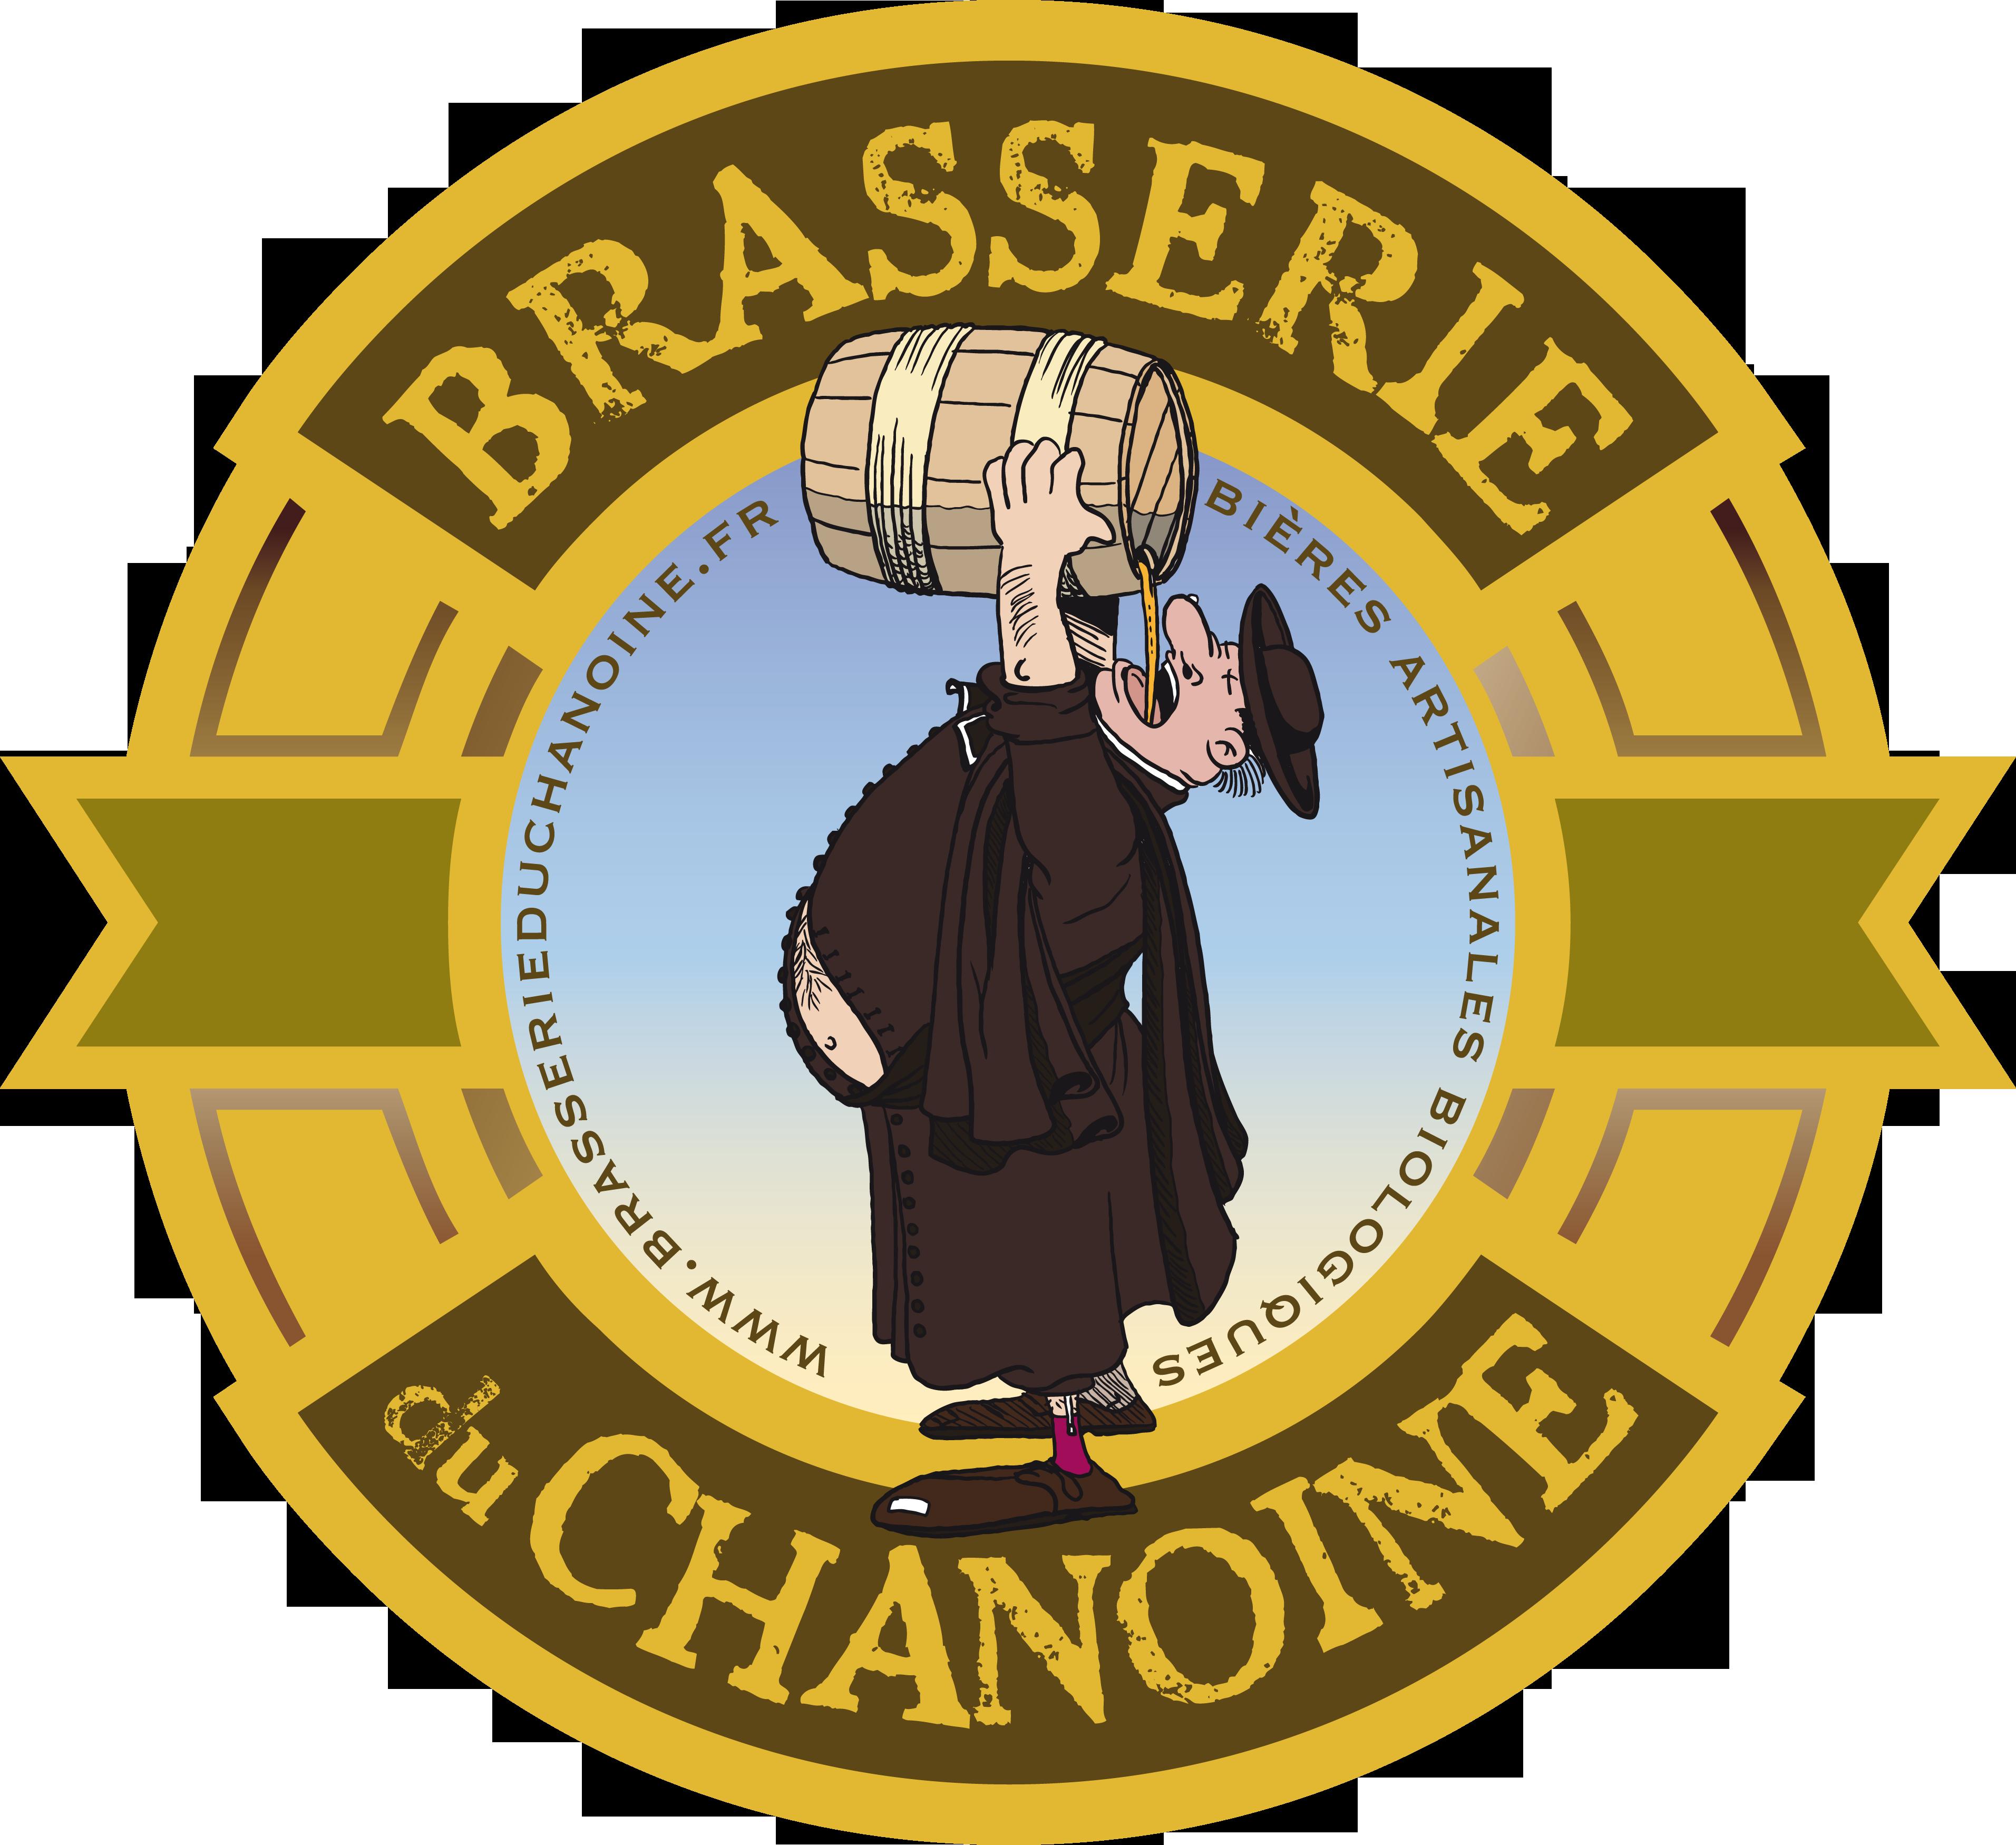 Brasserie du Chanoine